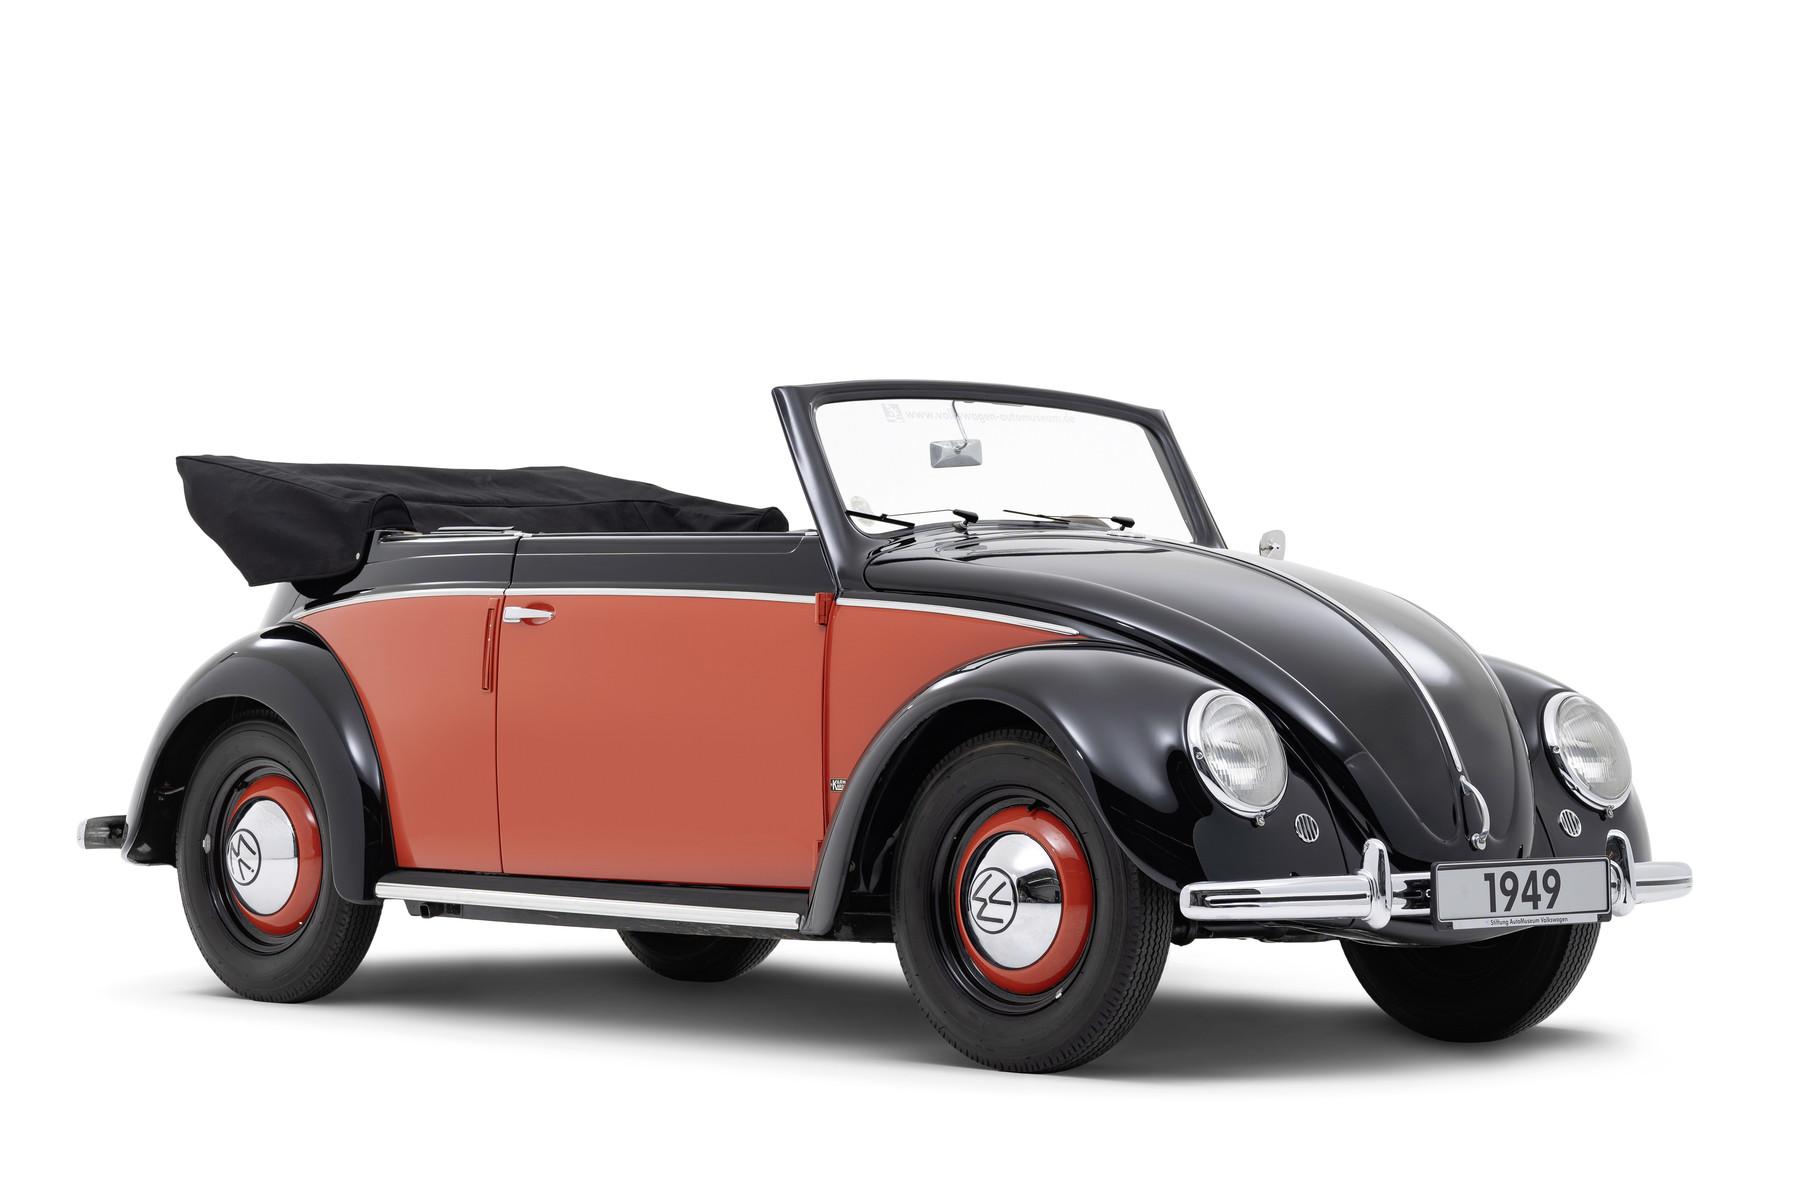 Volkswagen 1100 Karmann Cabriolet (1949)